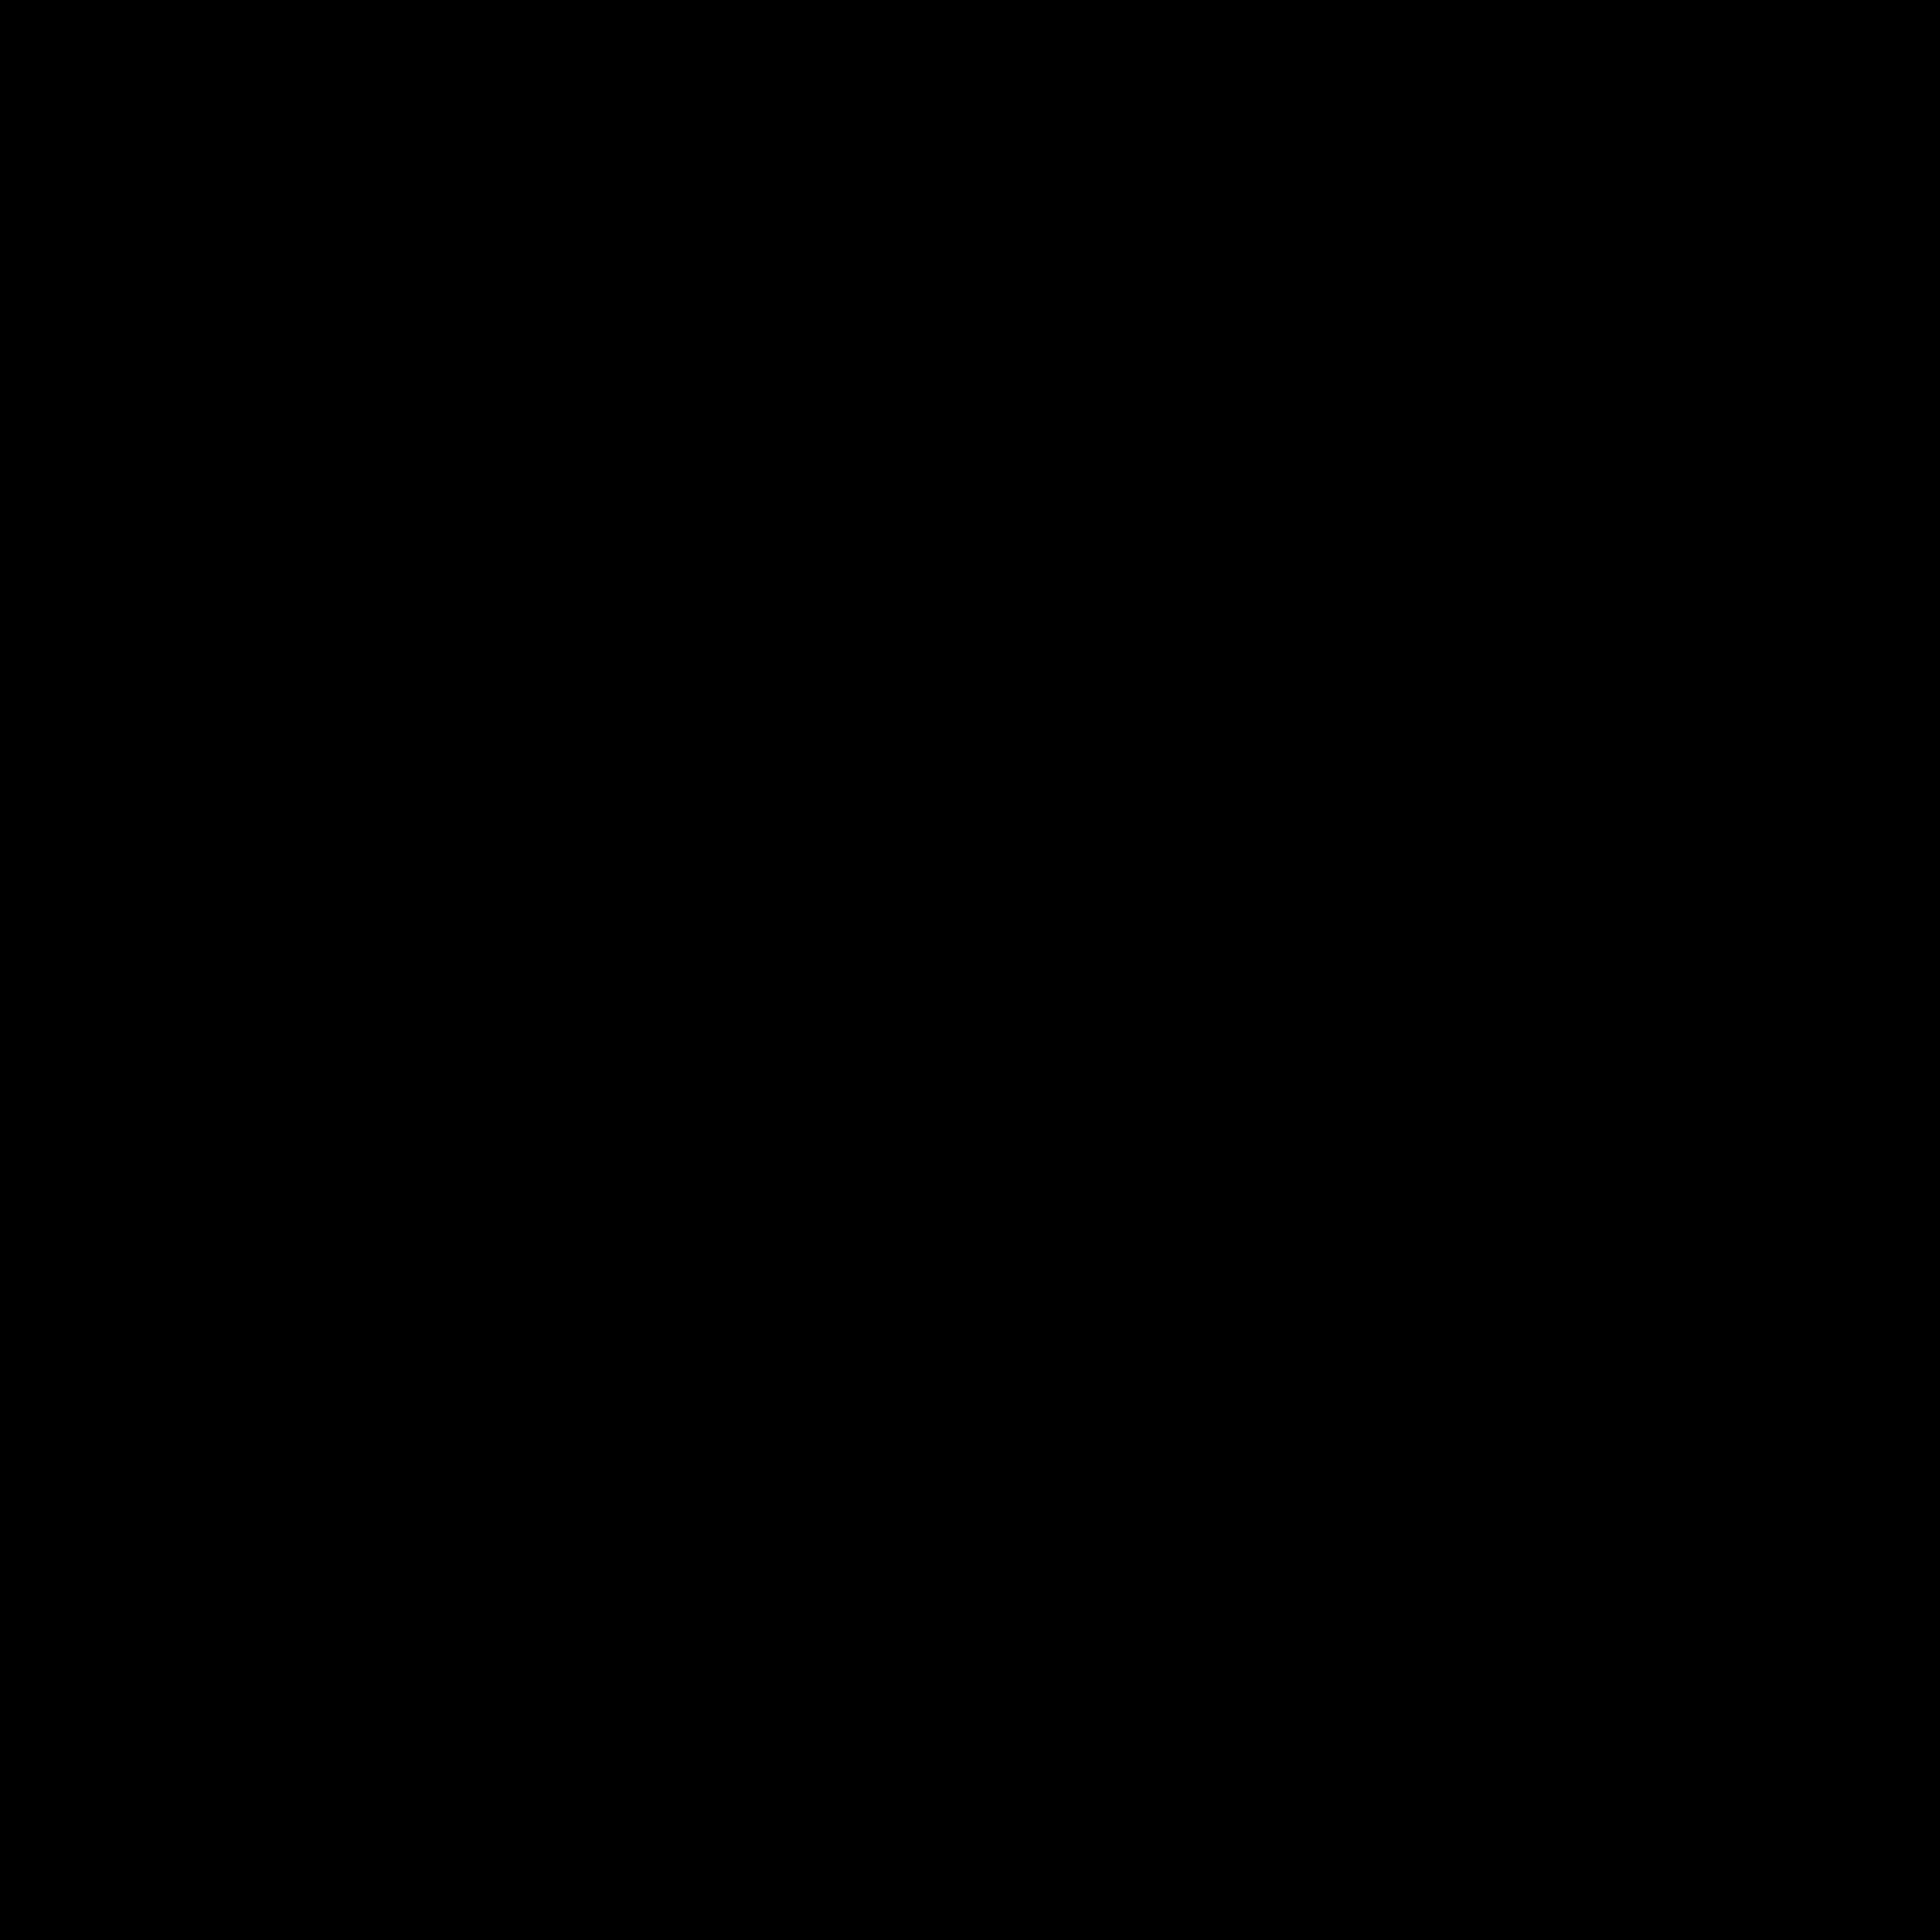 Dr Dre Logo PNG Transparent & SVG Vector.